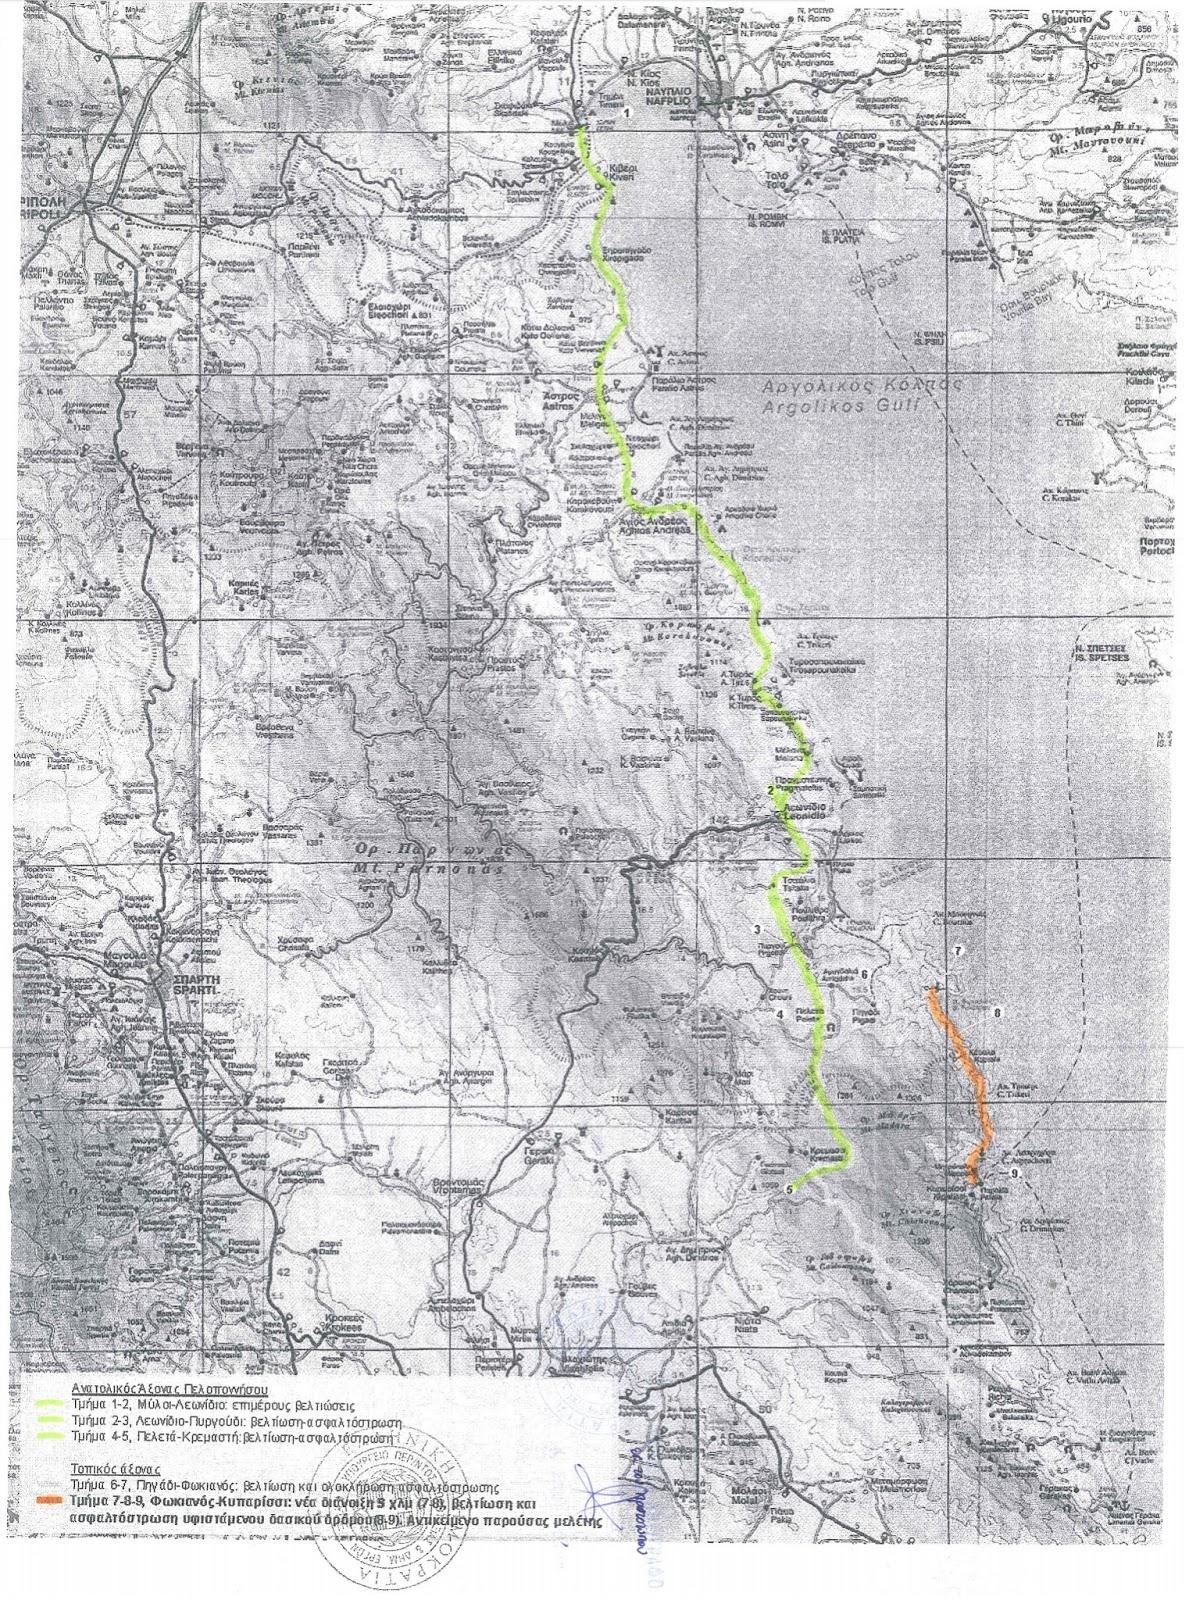 Χάρτης ἀποδεικνύει ἀπάτη στὸν δρόμο καταστροφῆς τοῦ Πάρνωνος1